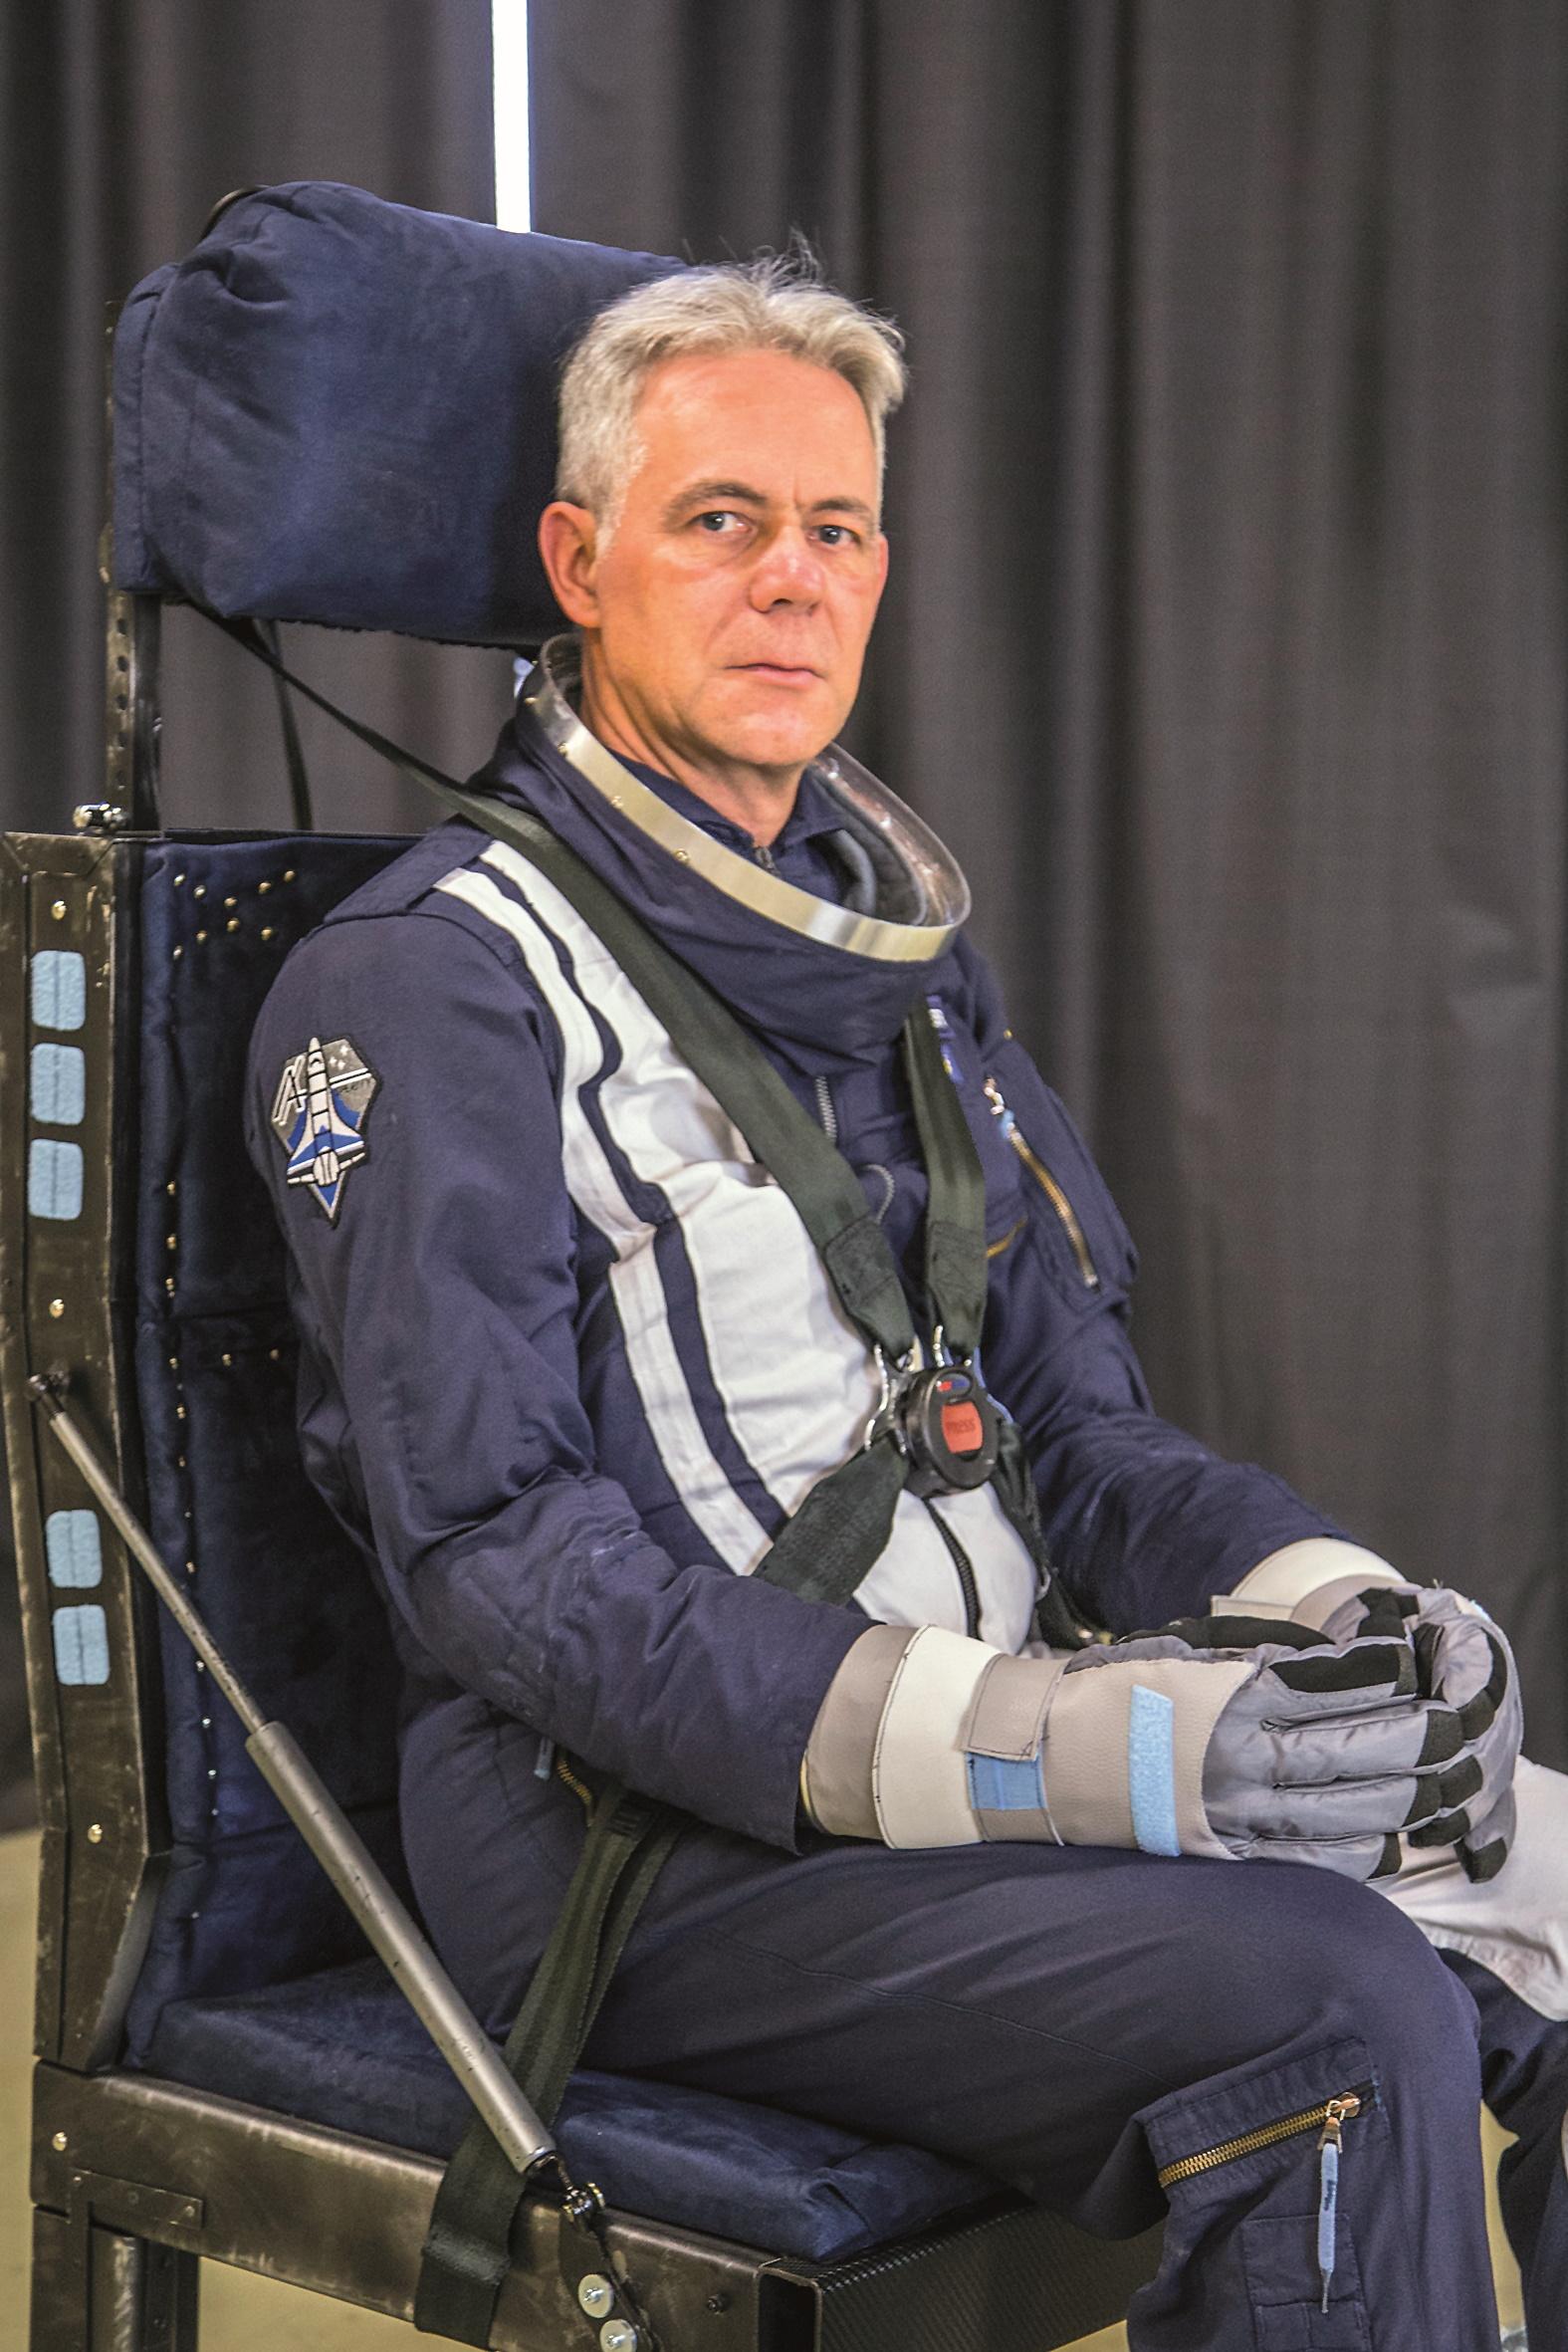 Stefan Ingenfeld als Astronaut Charles Overmyer im Pilotenstuhl auf der FMX